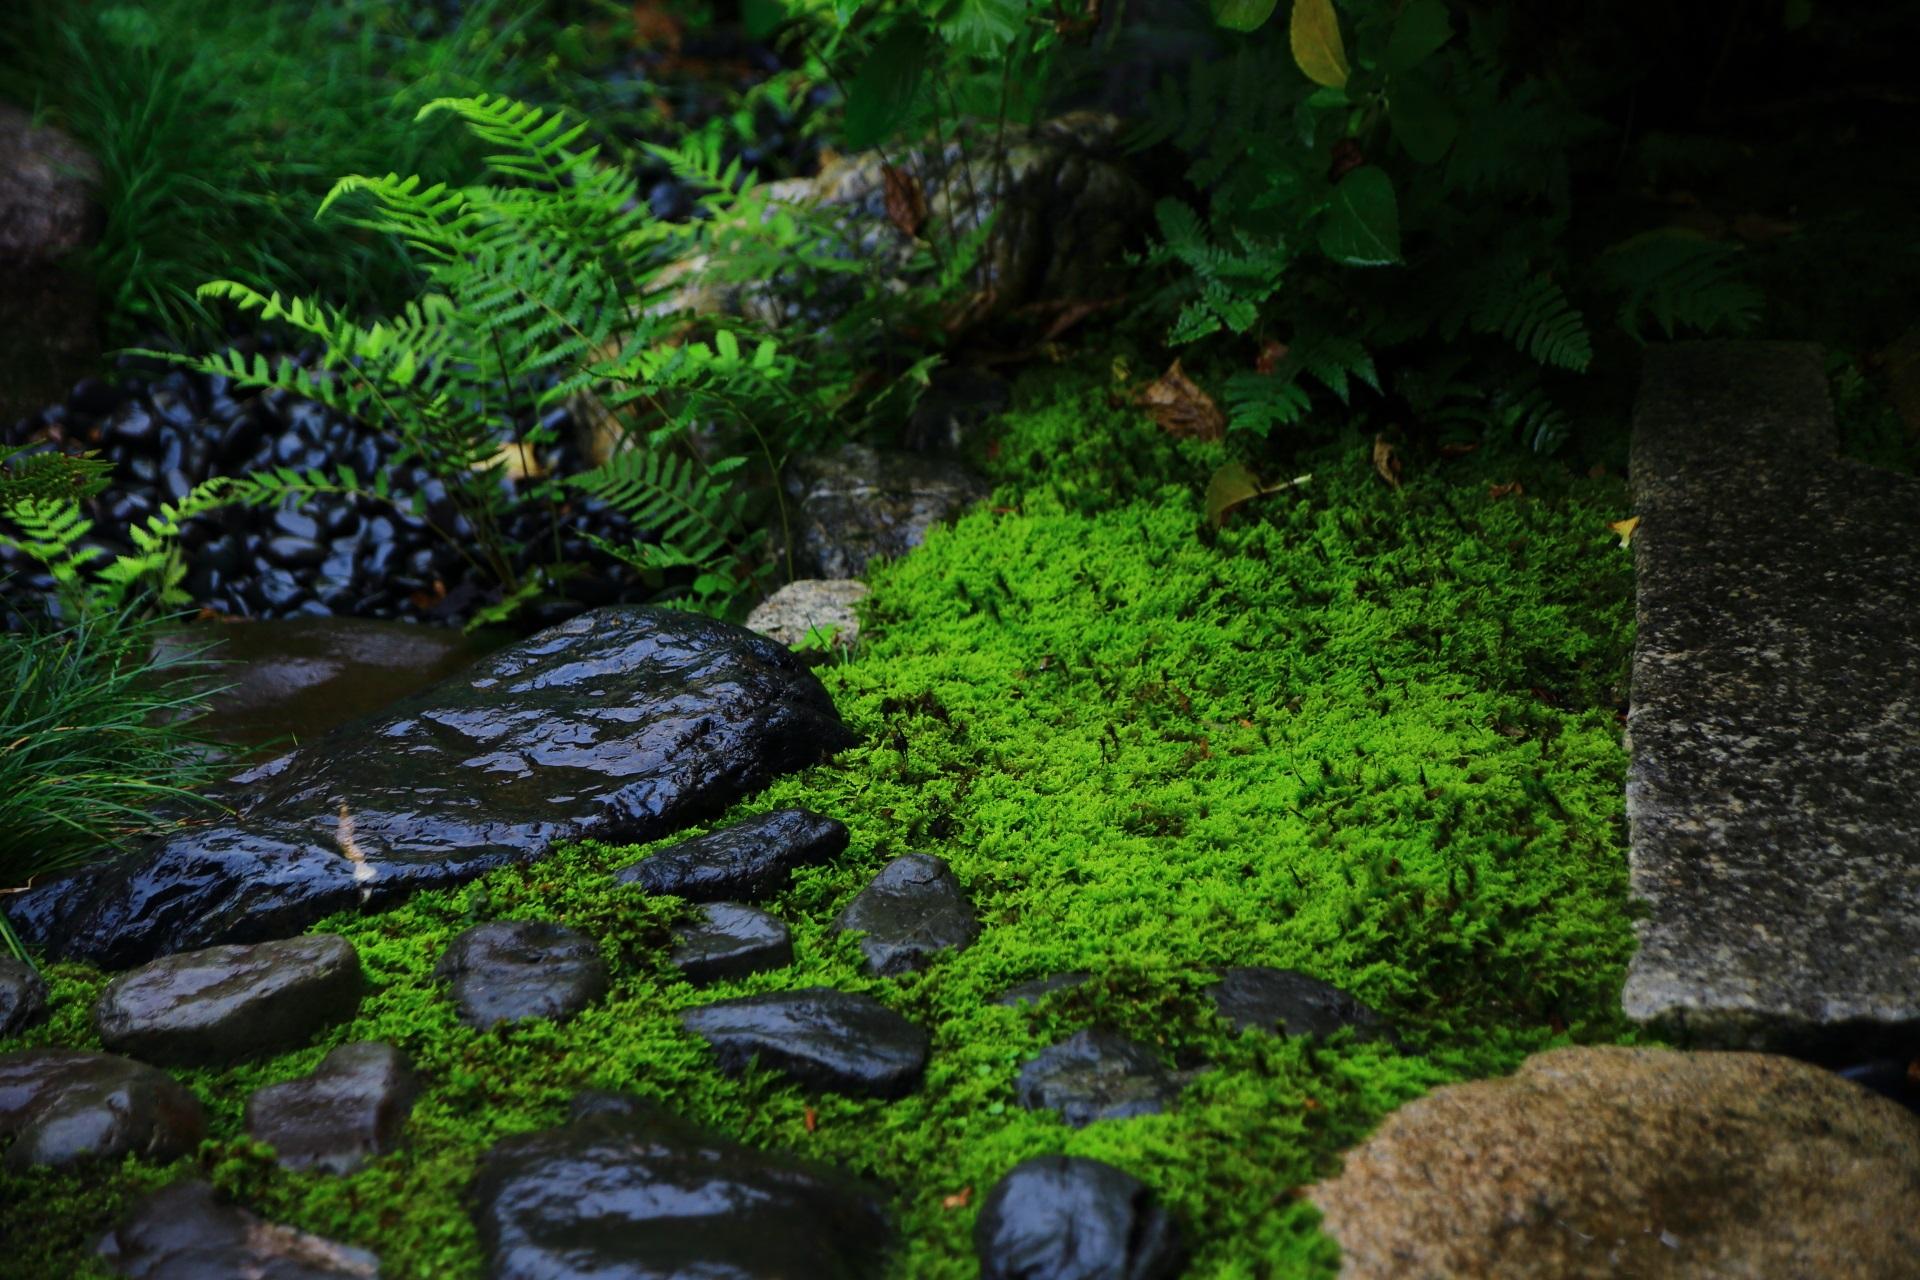 観智院の露地庭の淡い緑の苔と飛び石